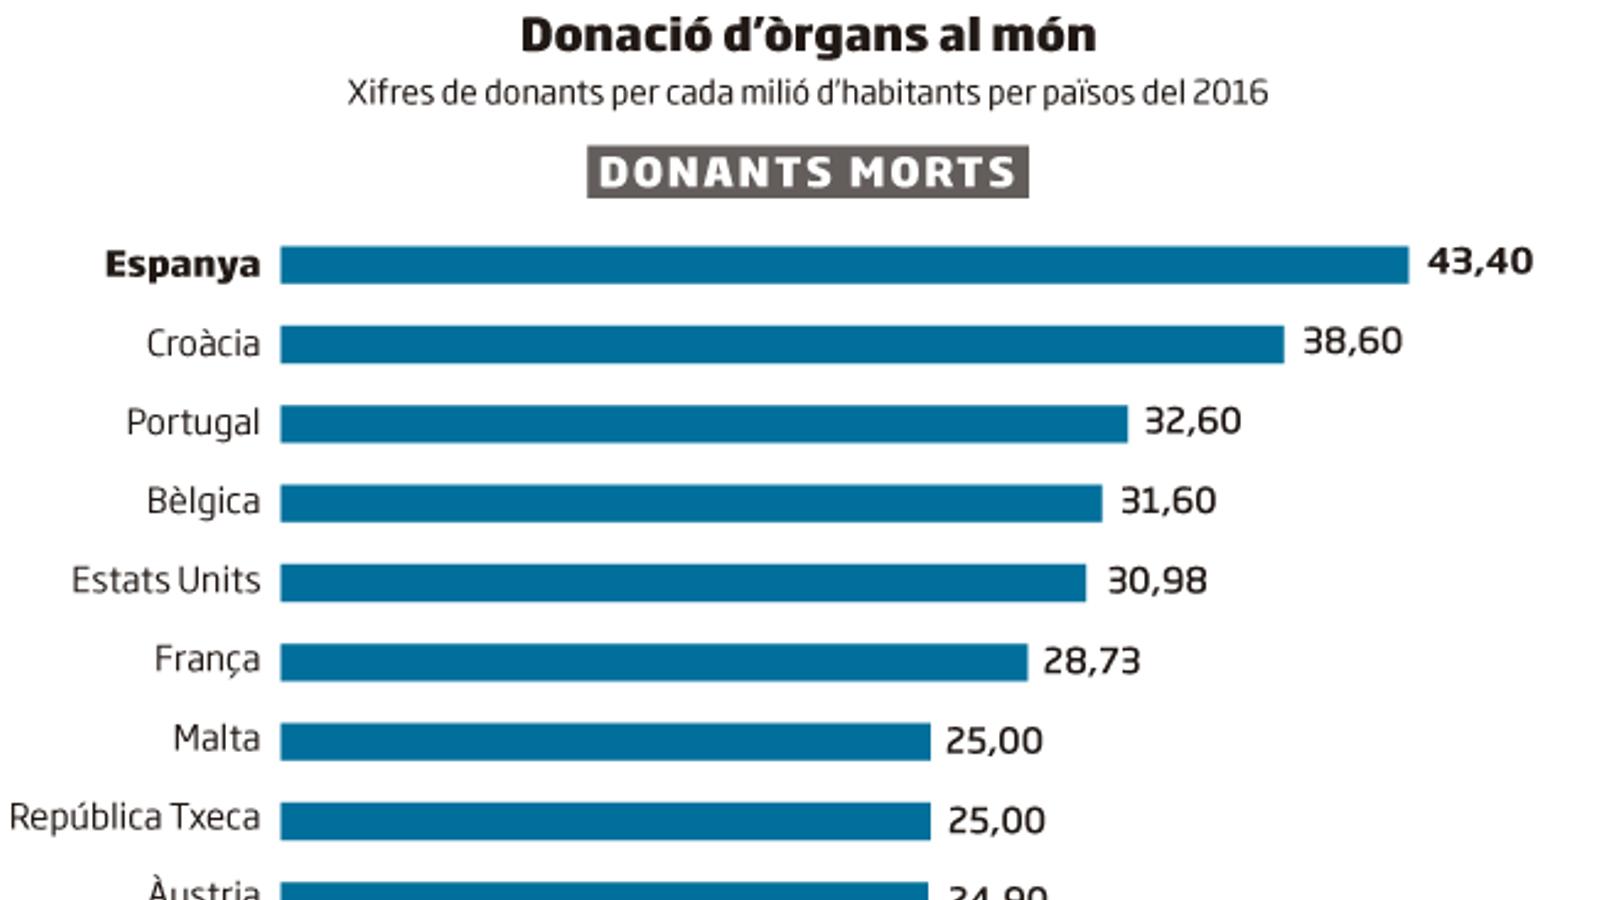 Catalunya exporta a la Xina el model de donació d'òrgans